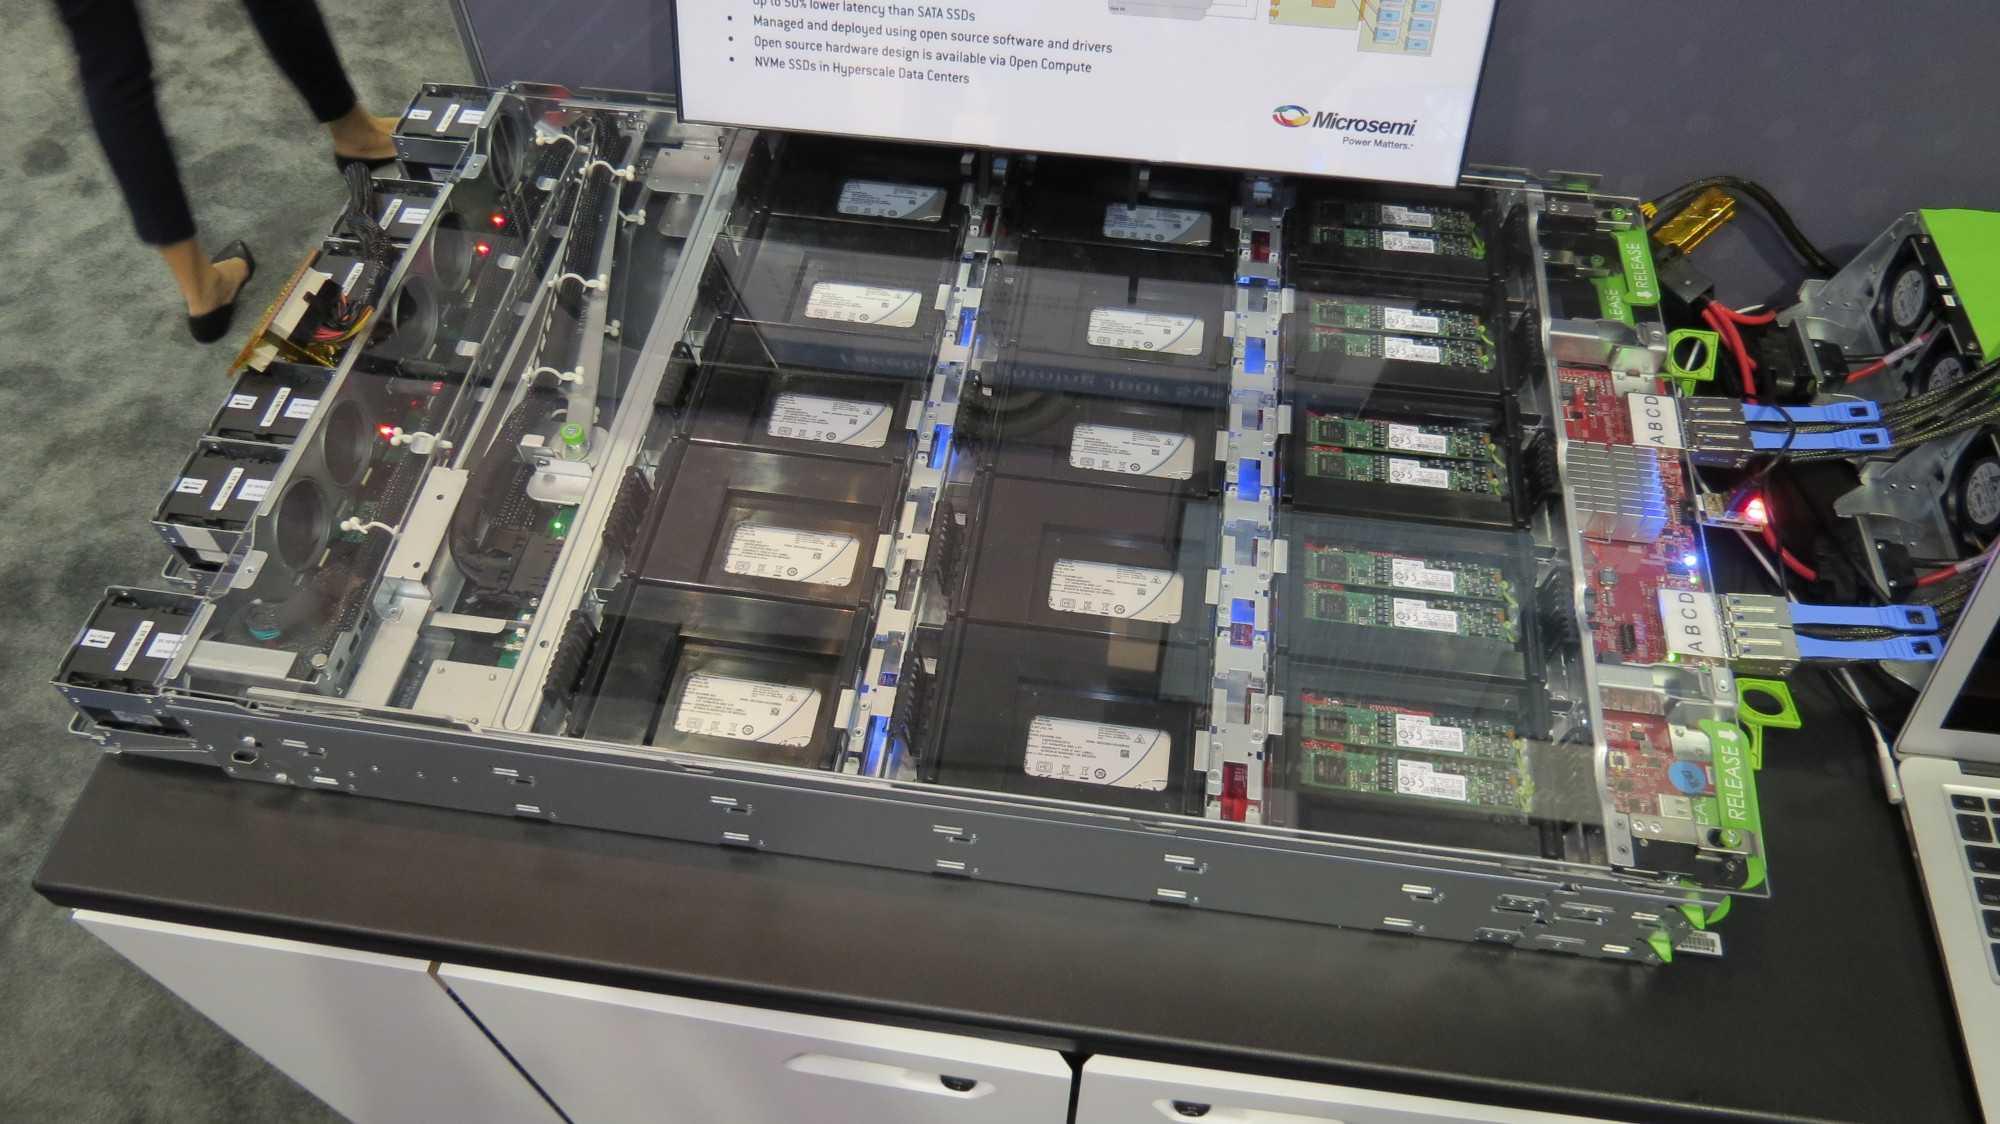 Mit Hilfe von PCIe-Switches teilt man die Kapazität eines JBOF auf. Solche Switches kommen zudem zum Einsatz, wenn man sehr viele NVMe-SSDs an einem Server anschließenmöchte.